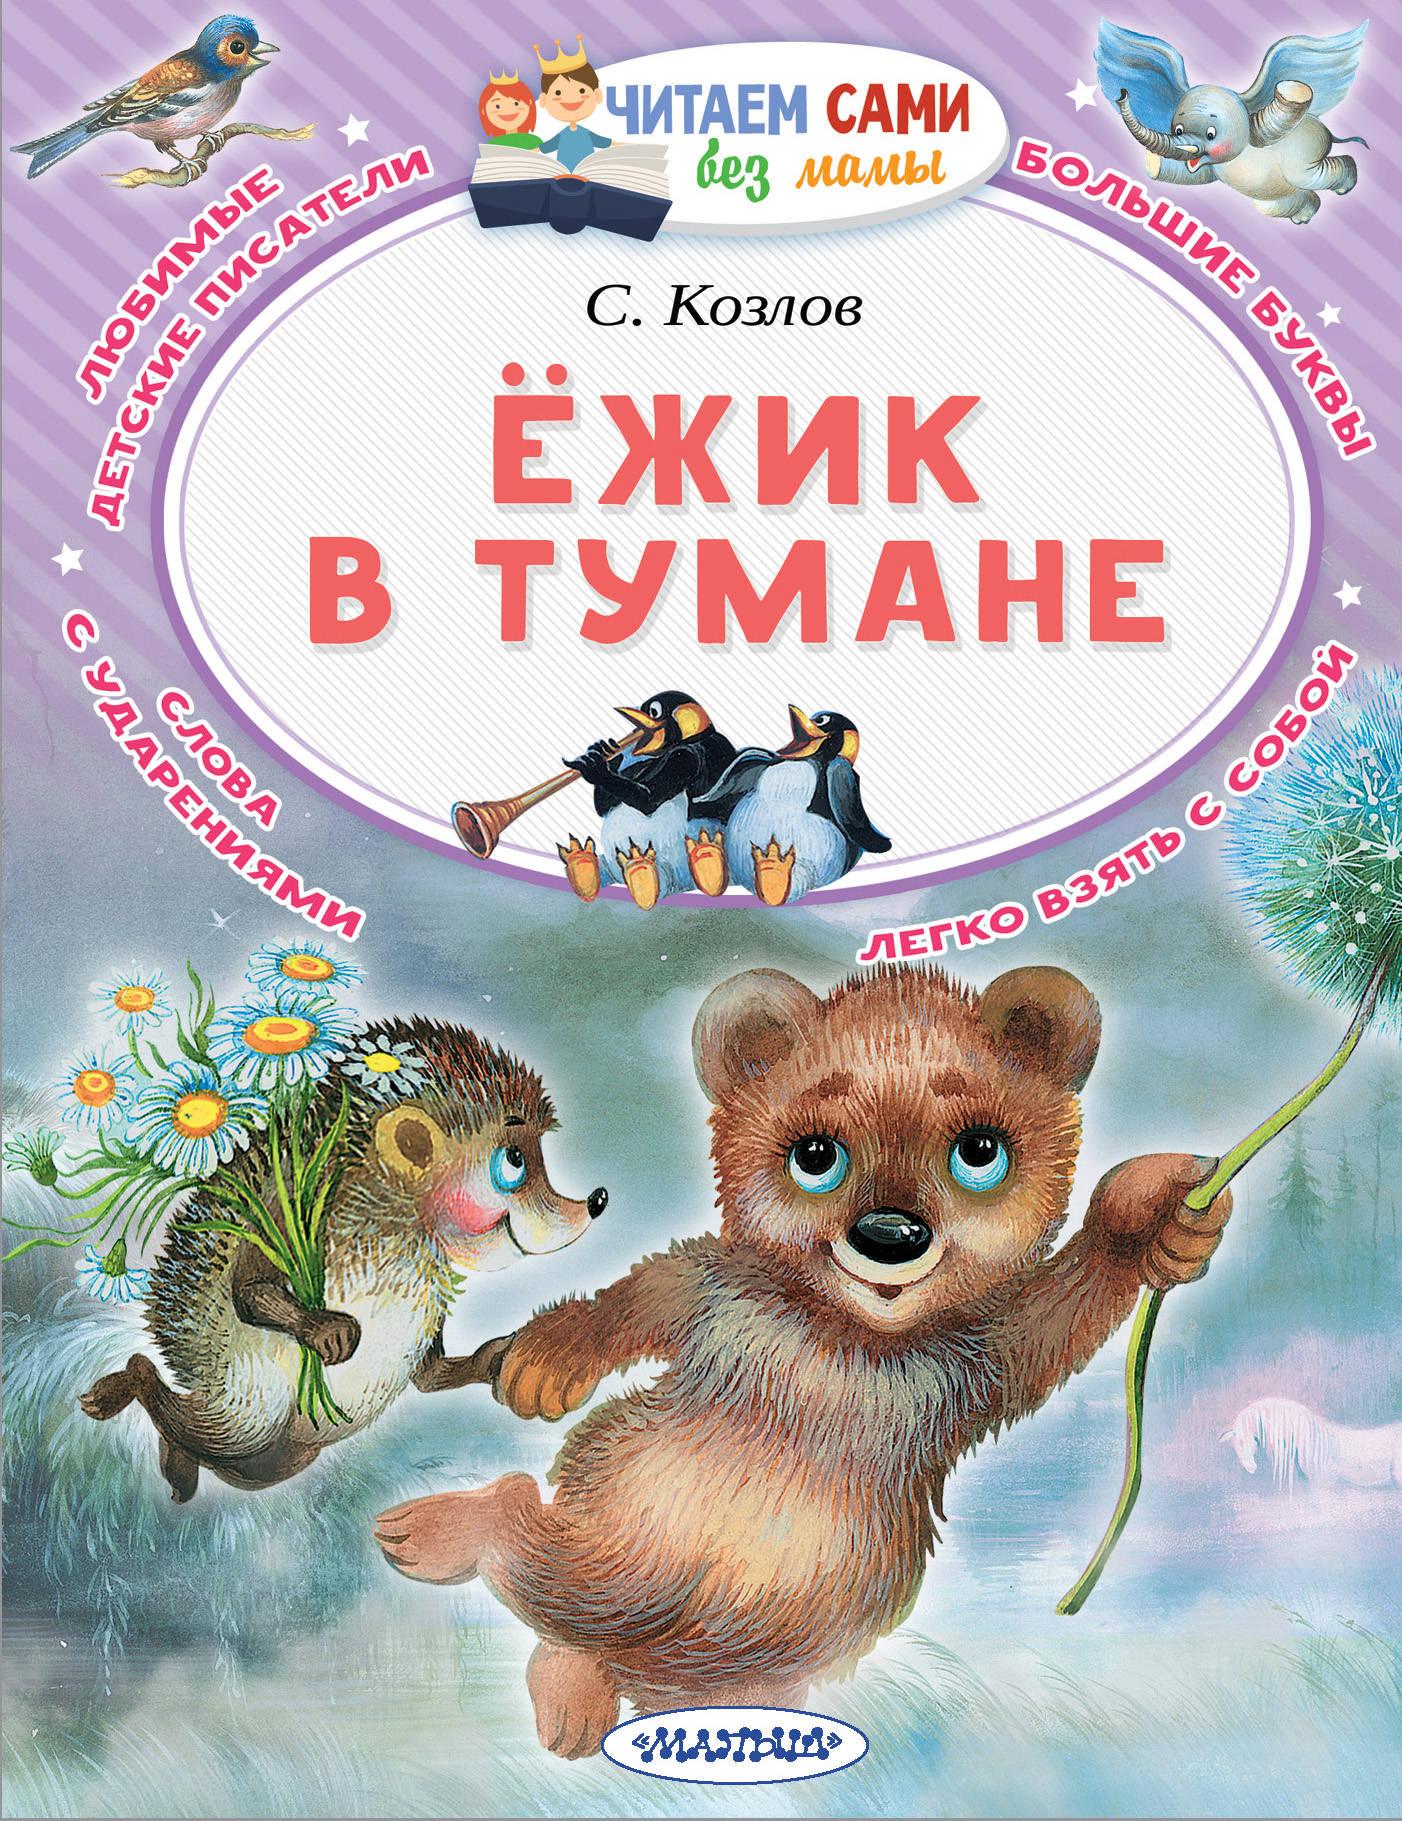 Козлов Сергей Григорьевич Ёжик в тумане козлов сергей григорьевич ёжик в тумане сказки